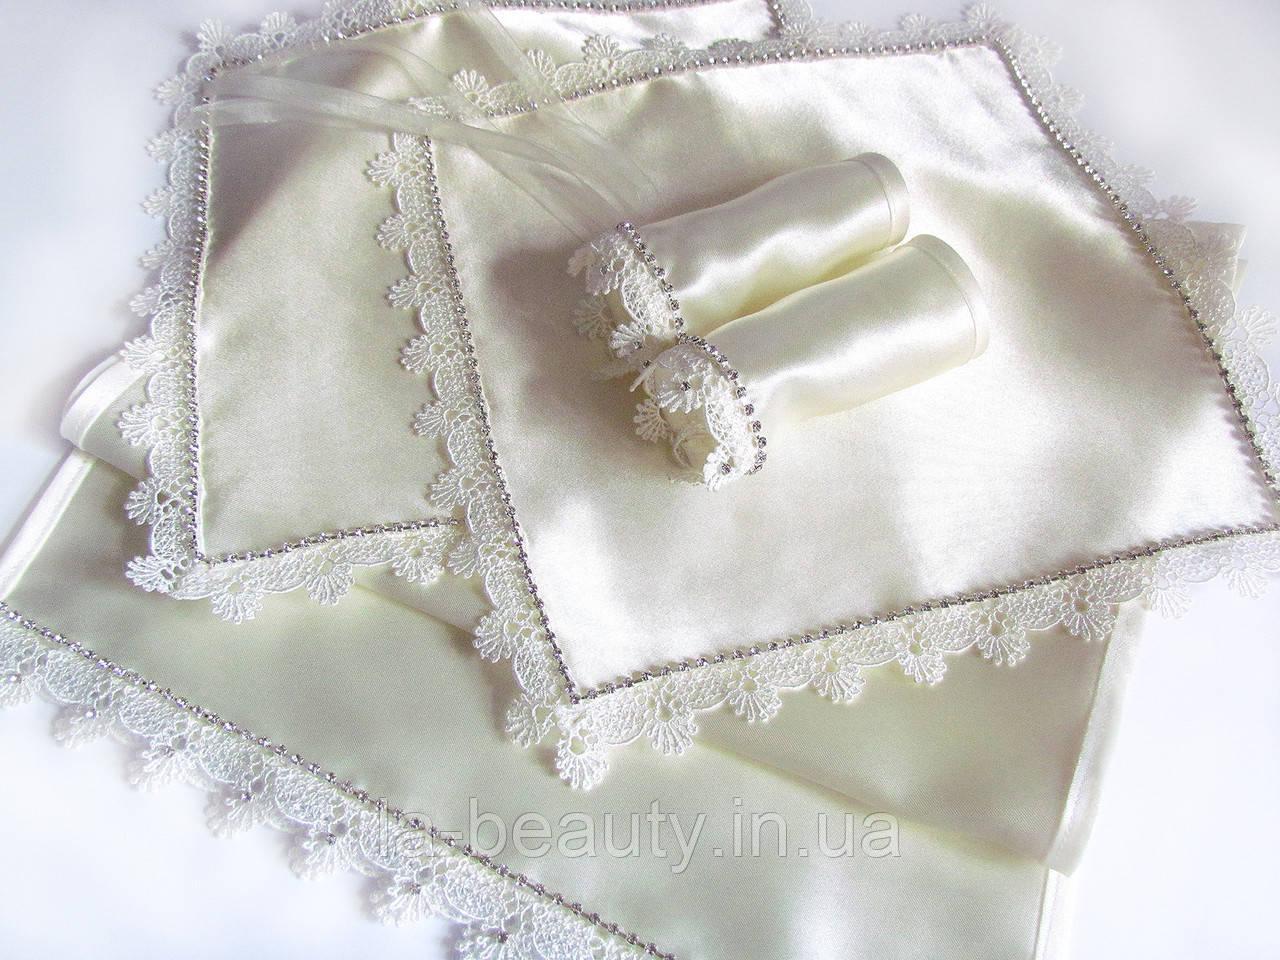 Набор (комплект) для венчания айвори (свадебный набор) со стразами люкс